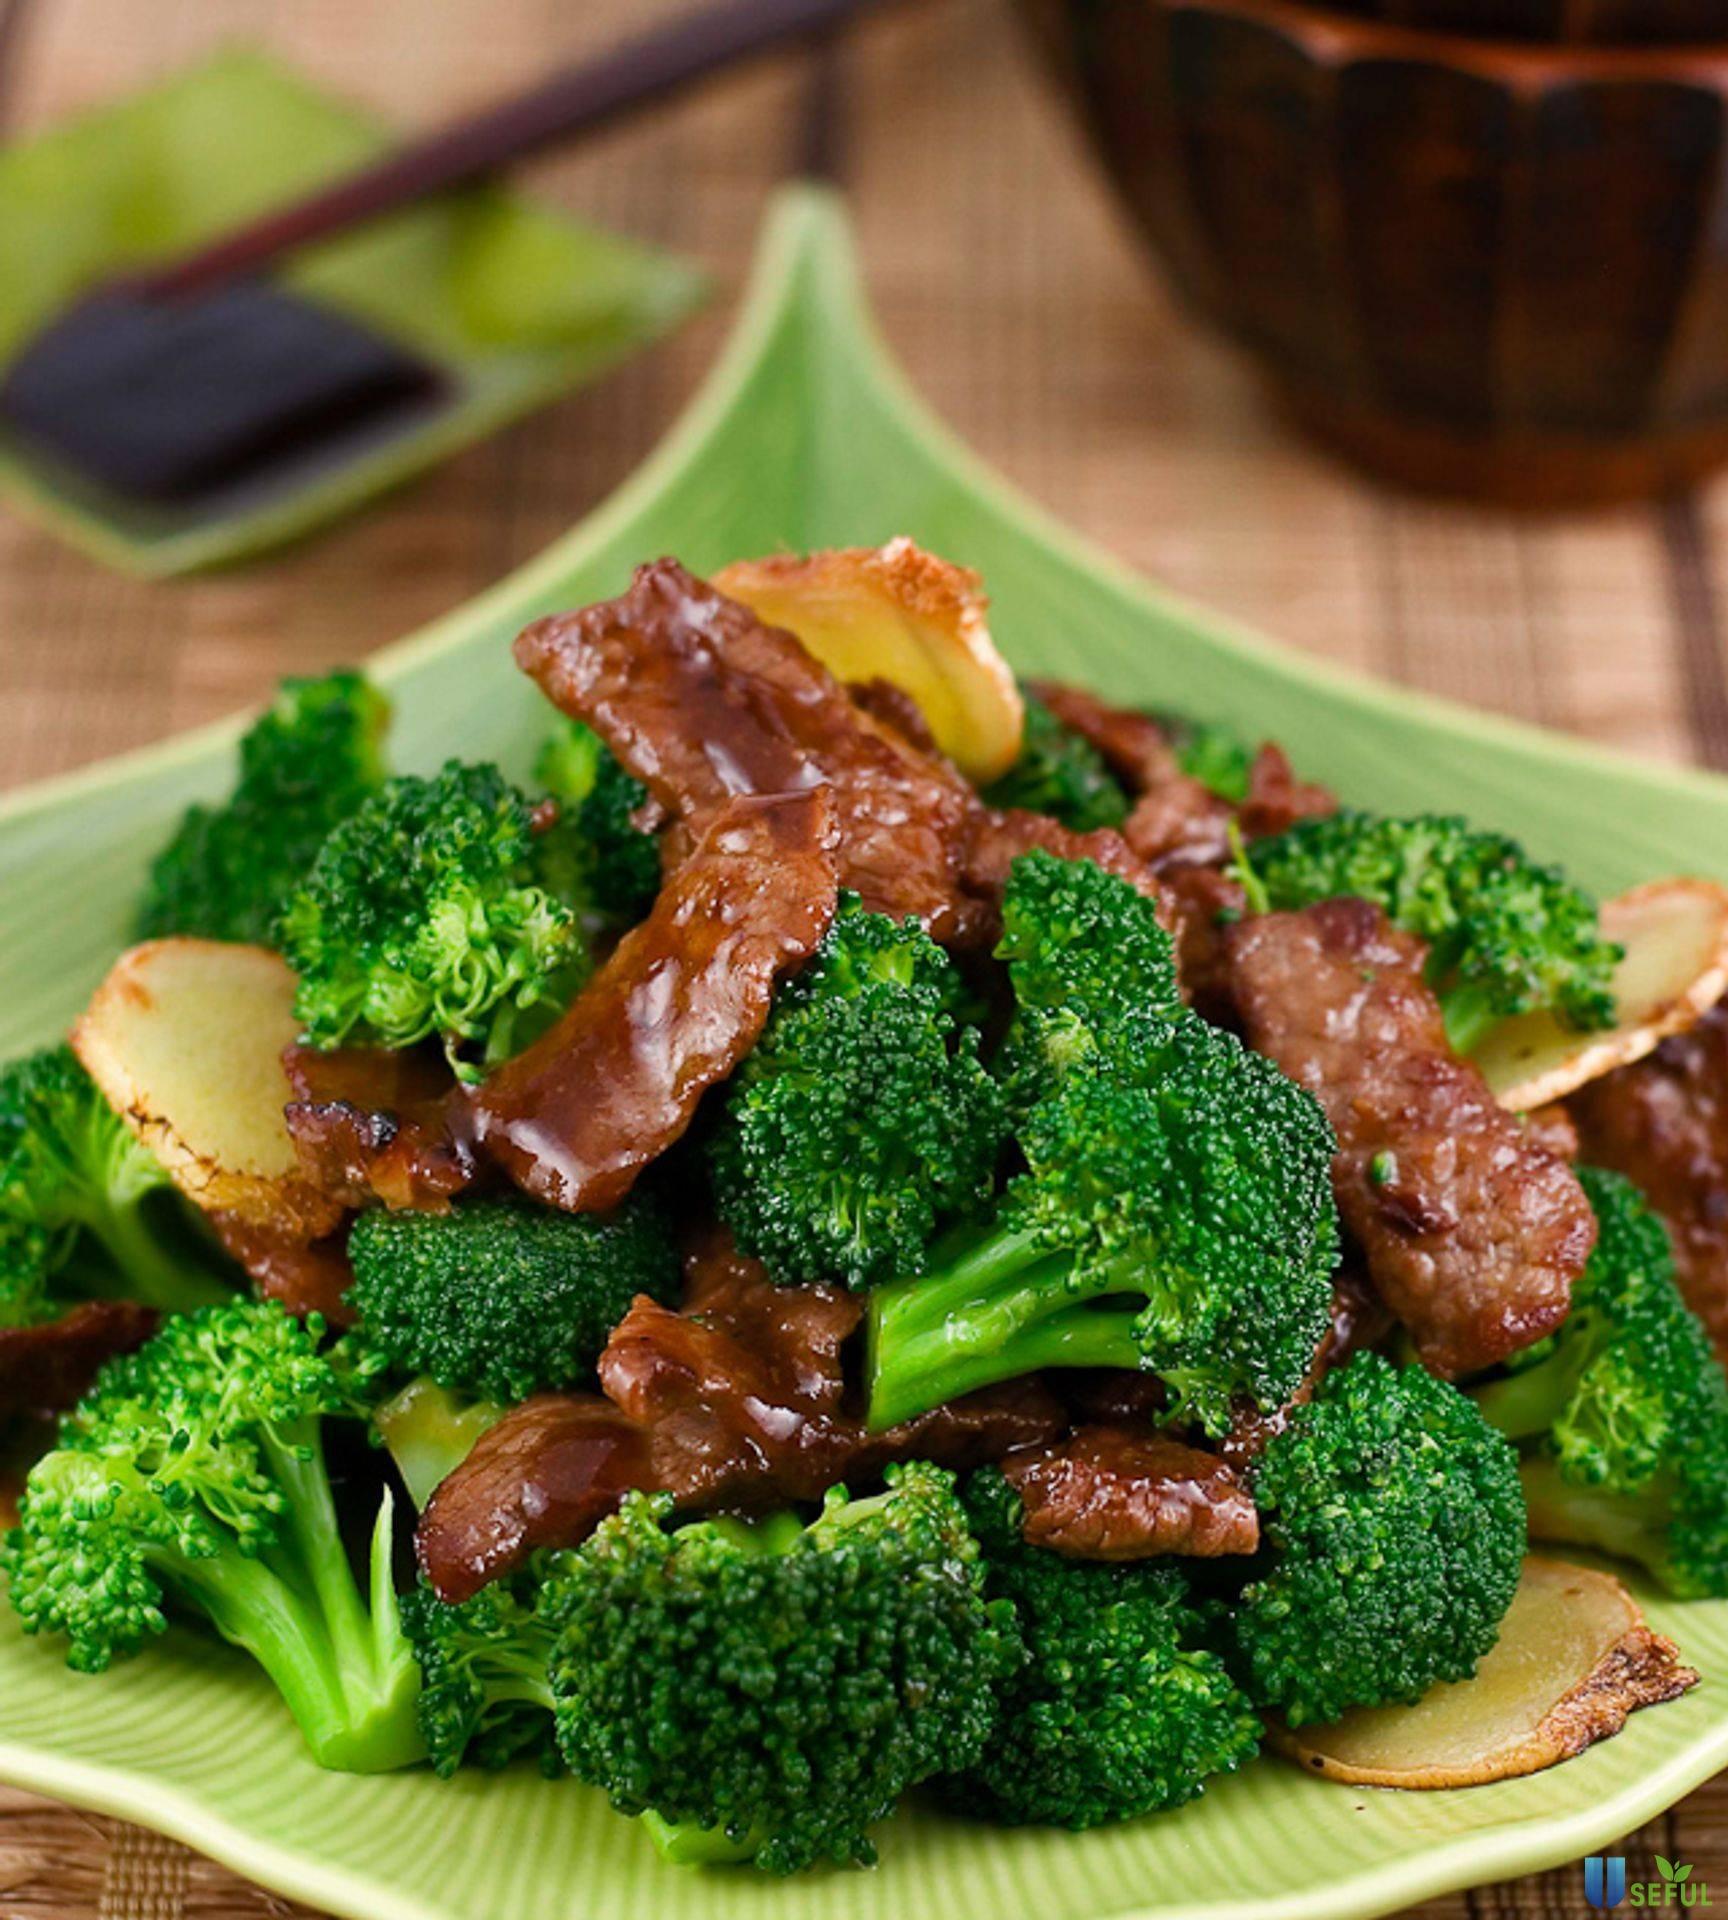 Súp lơ và thịt bò đều rất quen thuộc với mỗi gia đình